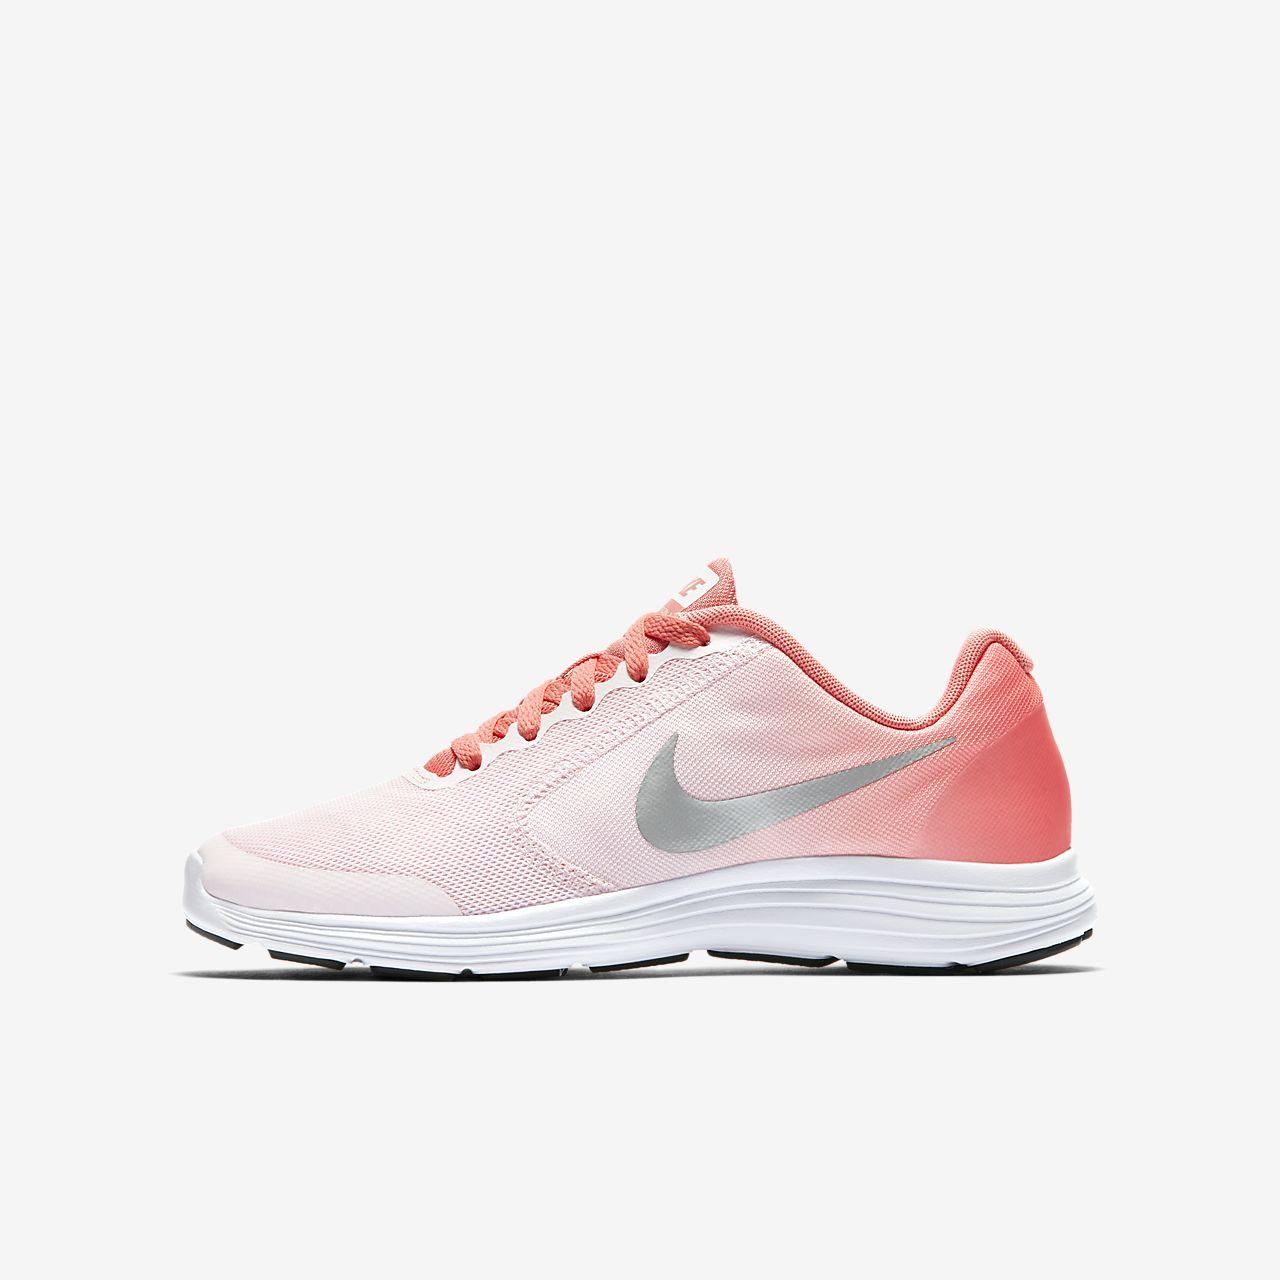 lowest price f885e 28328 ... Löparsko Nike Revolution 3 för ungdom